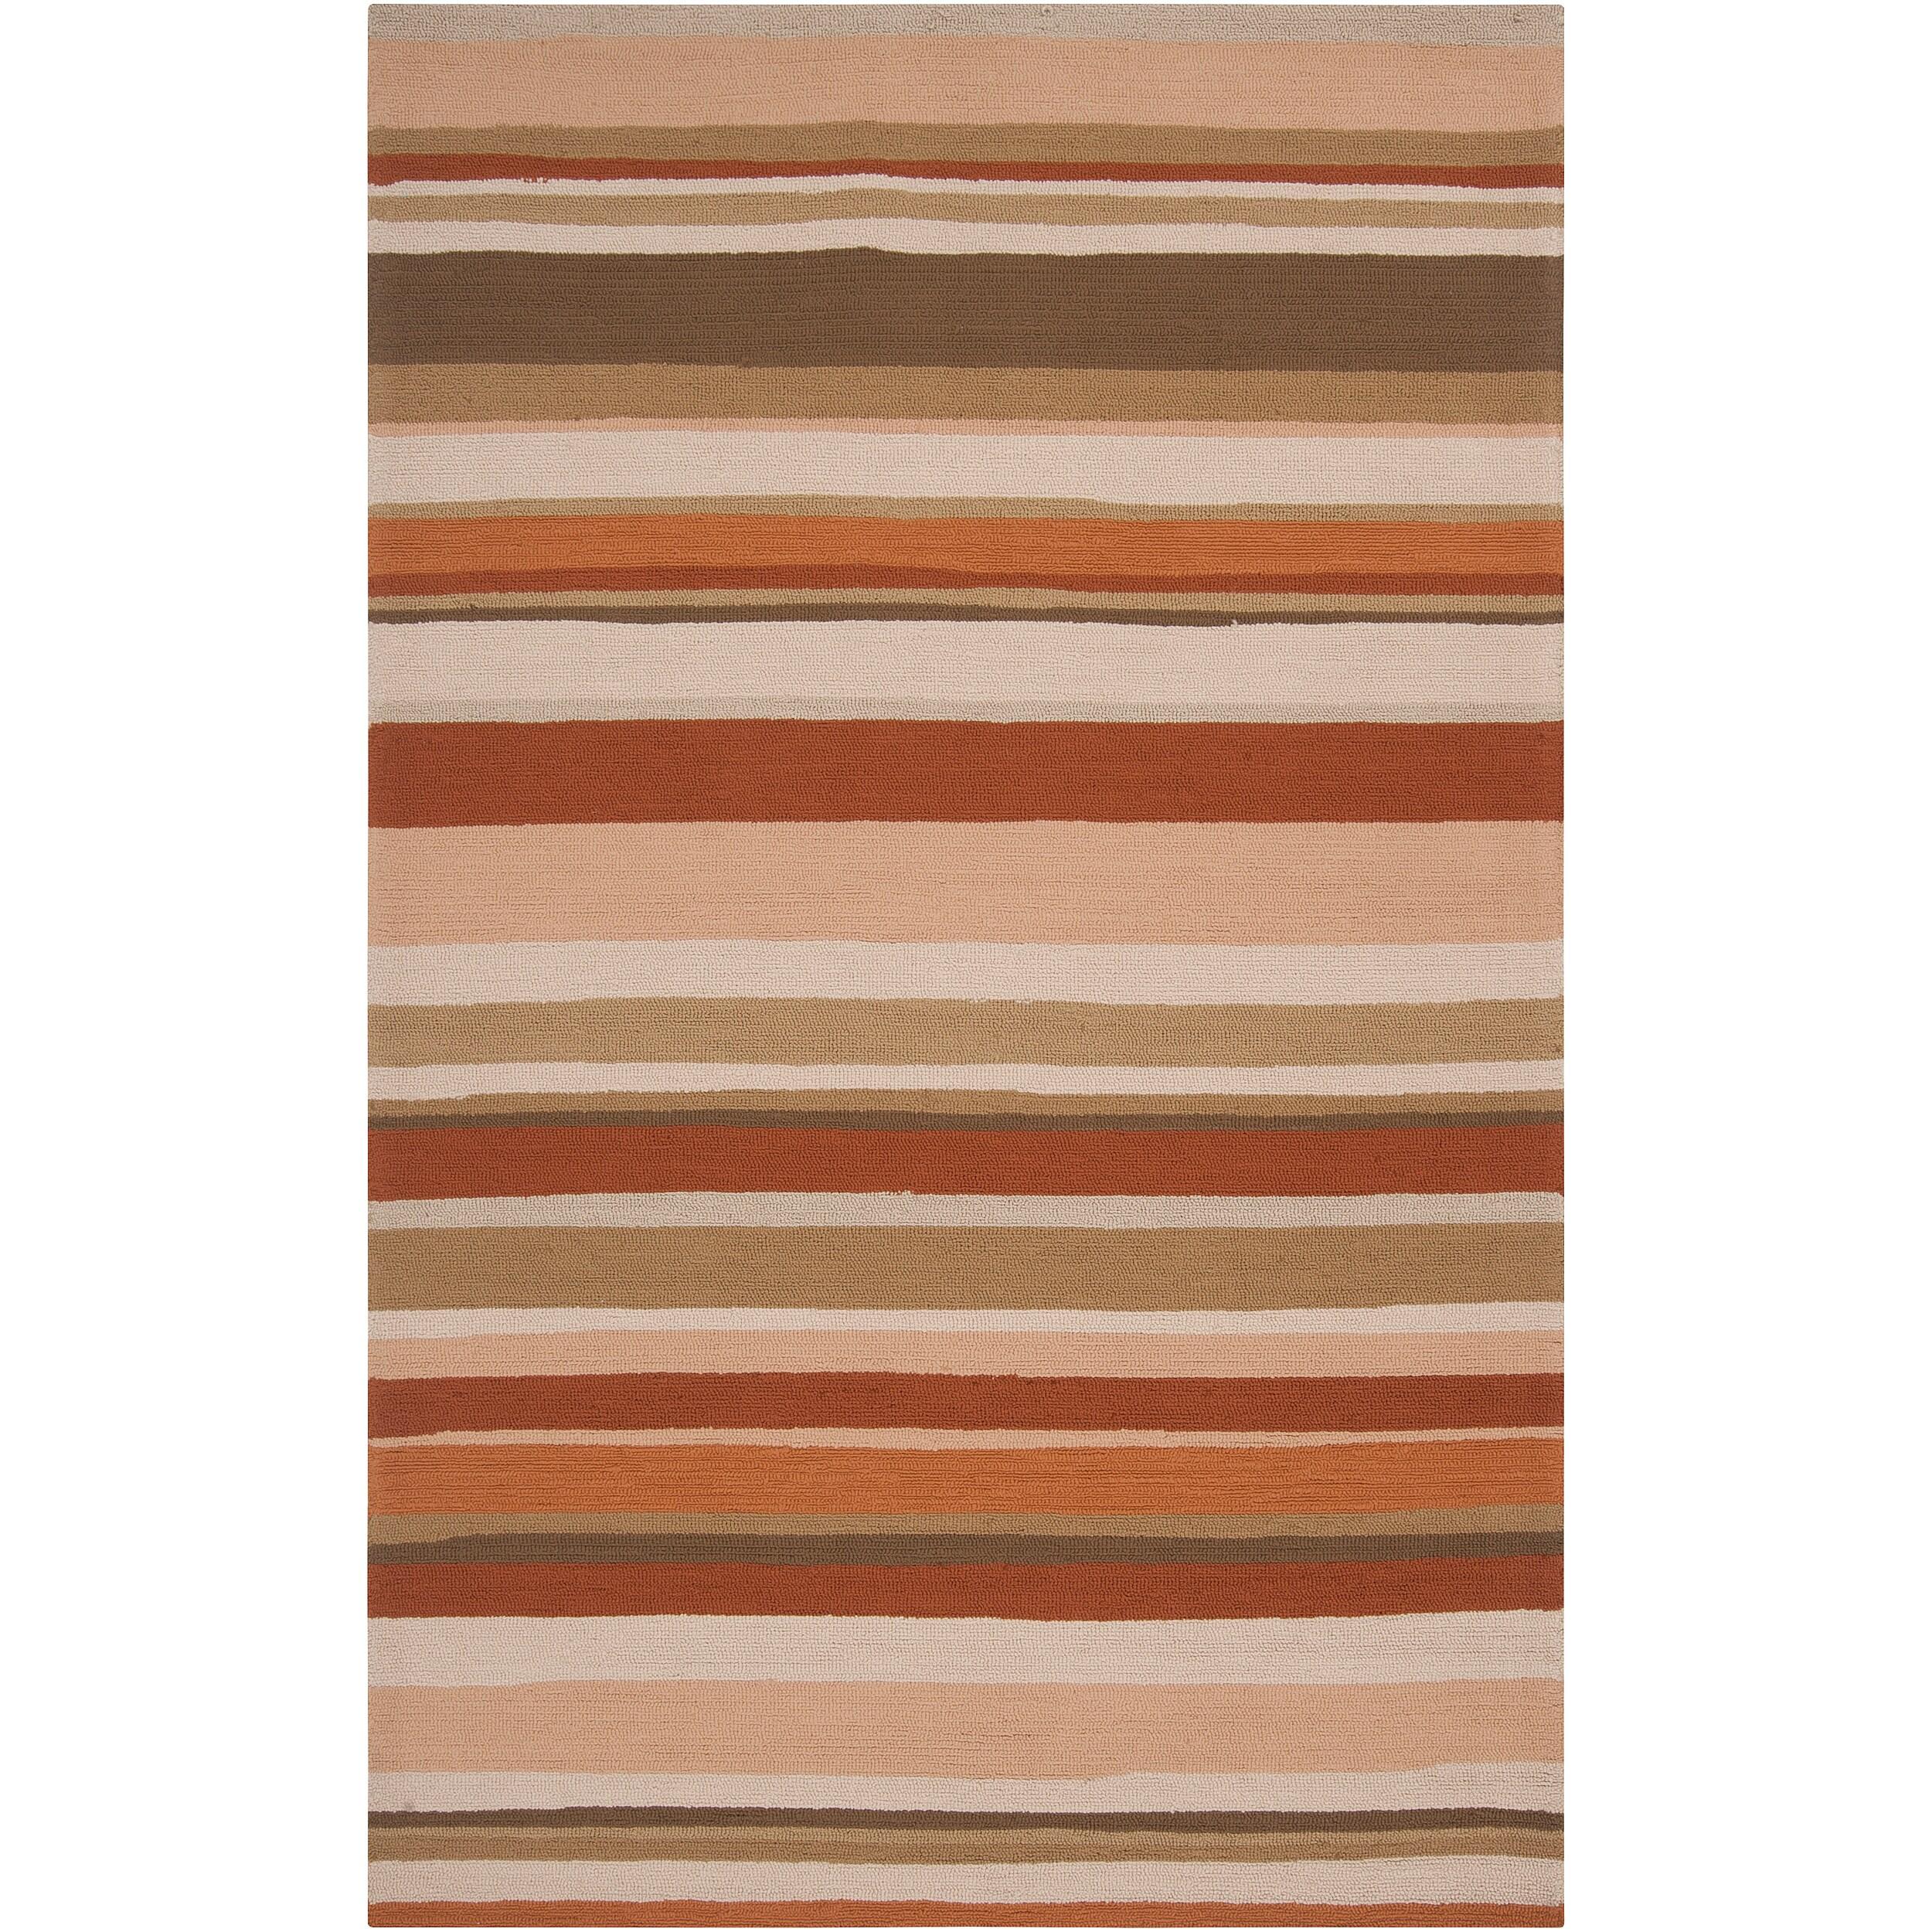 Hand-hooked Cladagh Tan Indoor/Outdoor Stripe Rug (9' x 12')